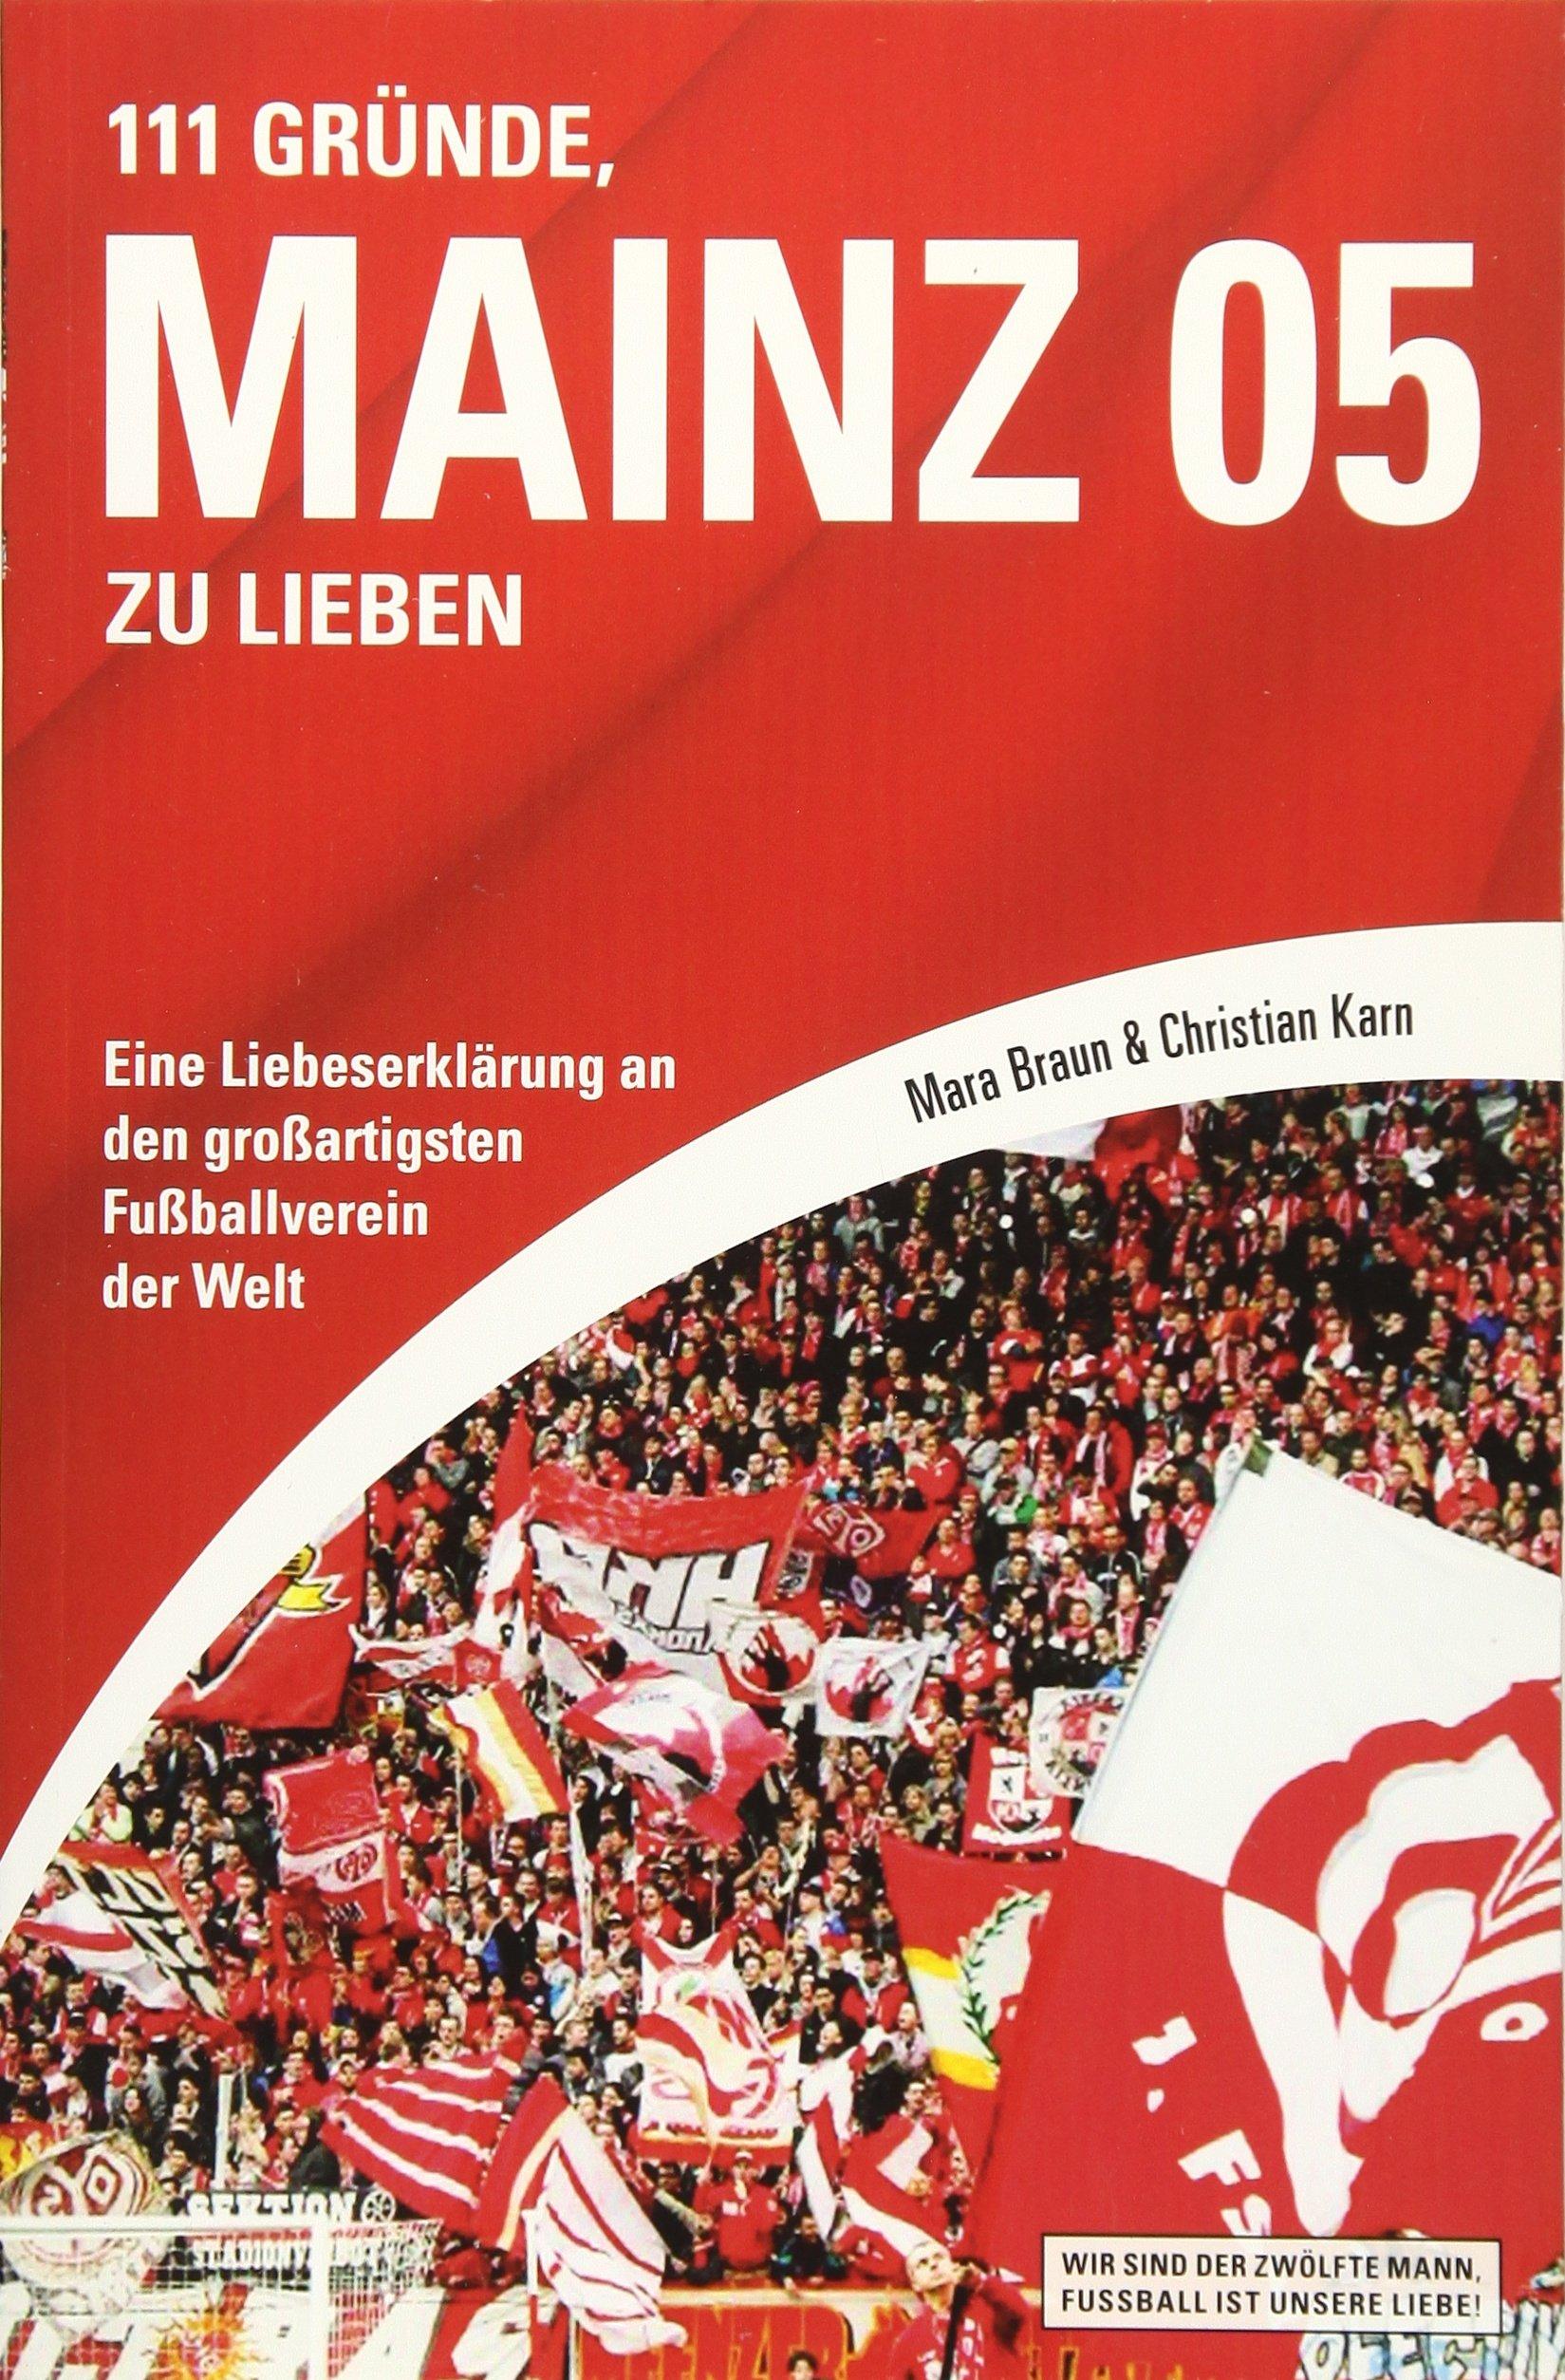 111 Gründe, Mainz 05 zu lieben: Eine Liebeserklärung an den großartigsten Fußballverein der Welt